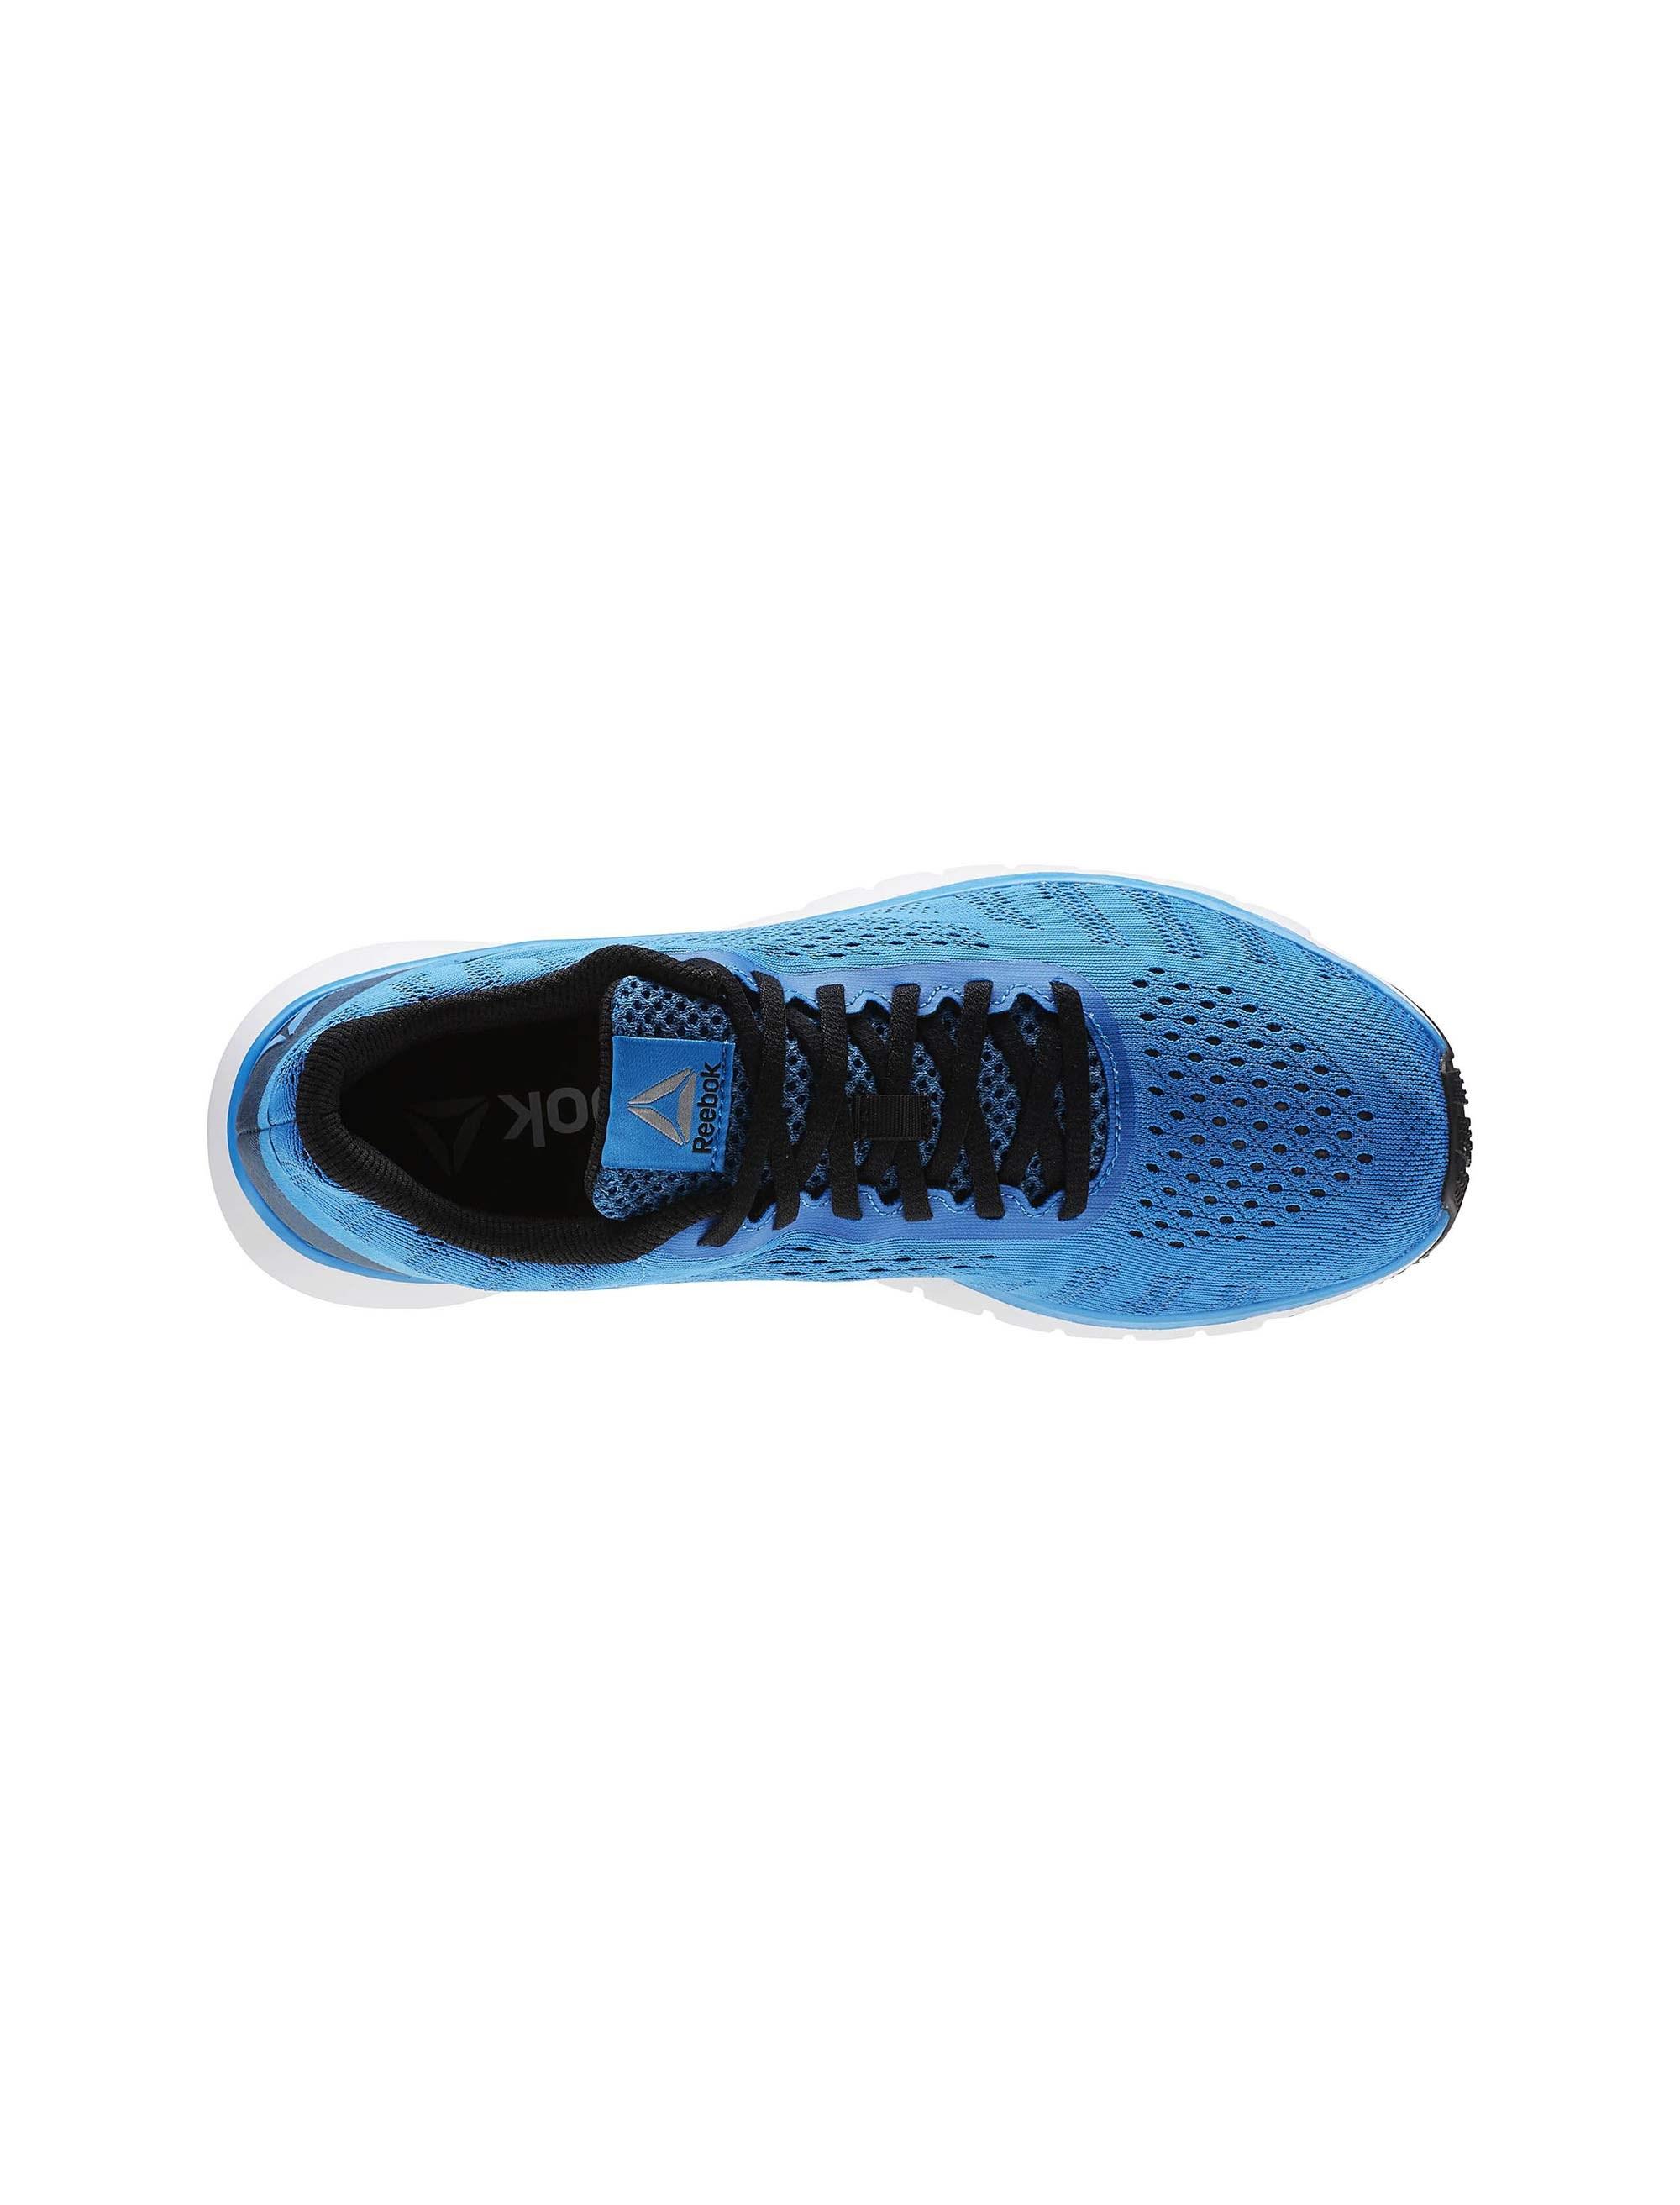 کفش دویدن بندی مردانه Print Smooth Ultraknit - ریباک - آبي - 4